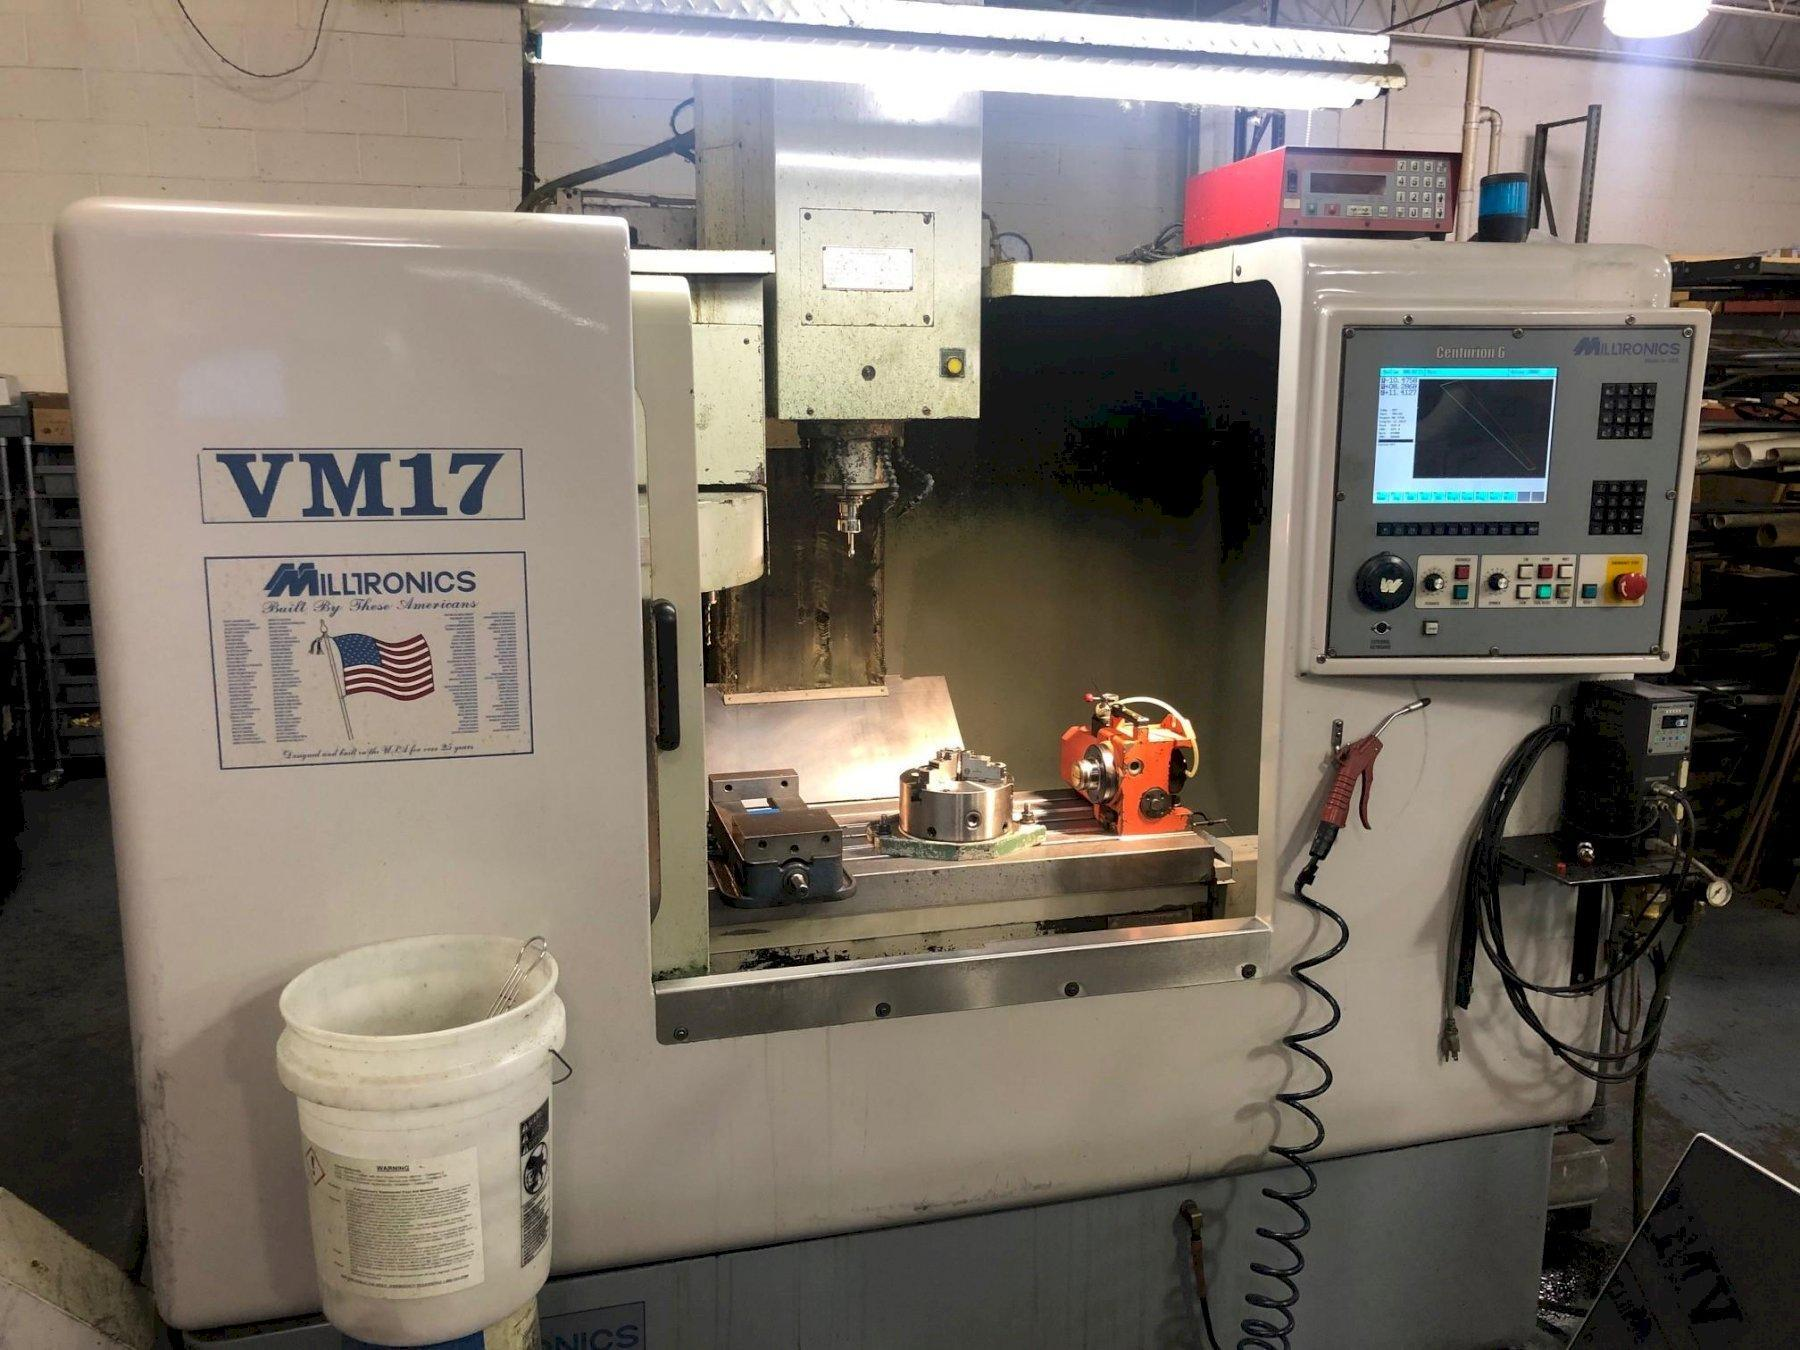 Milltronics VM17 Vertical Machining Center